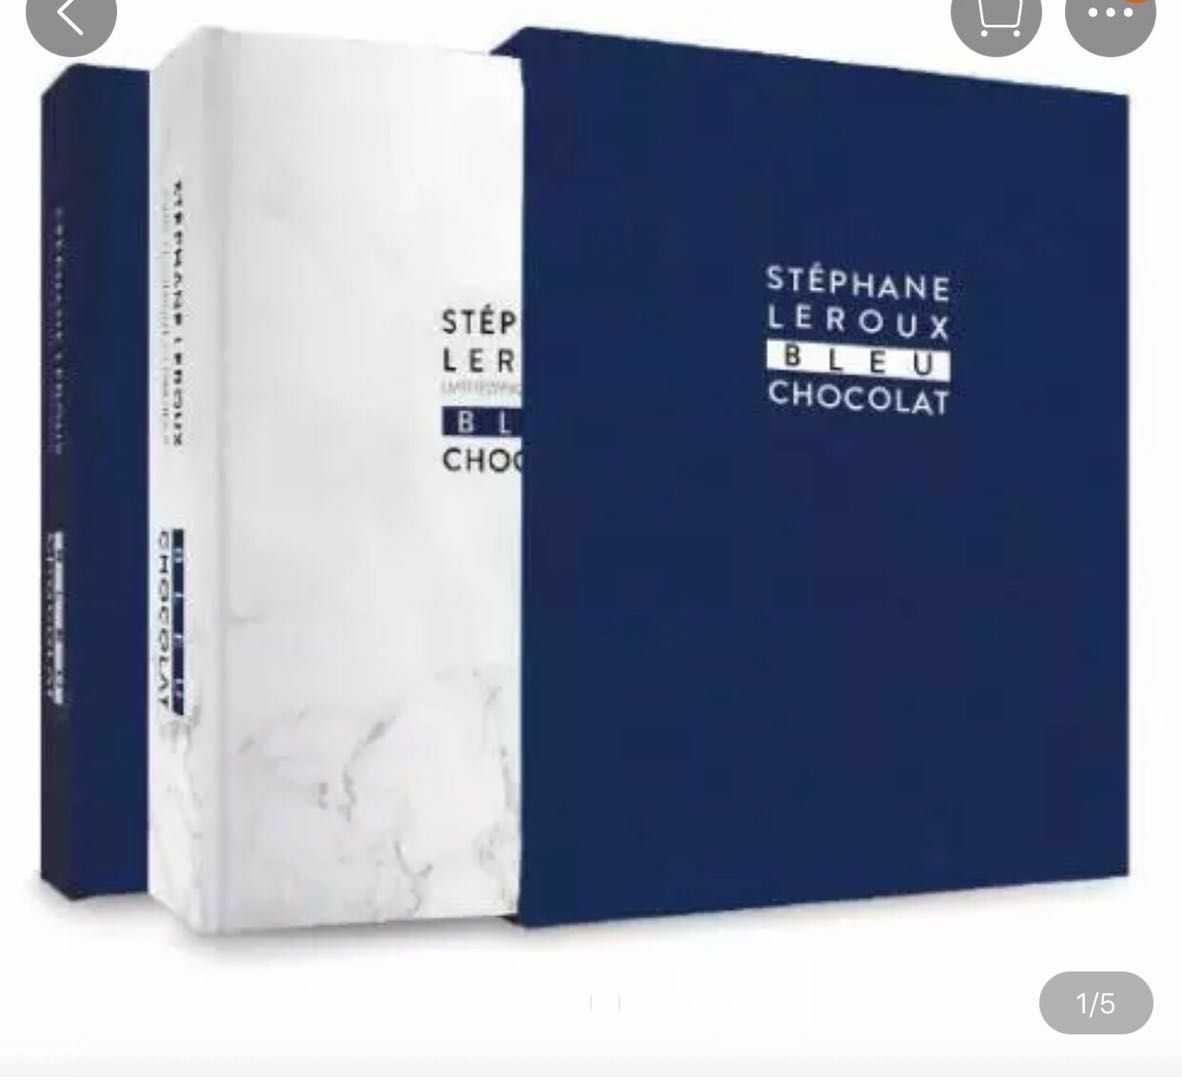 Gannan Xu Stephane Leroux. Bleu Chocolat '17 (только на английском языке) версия )